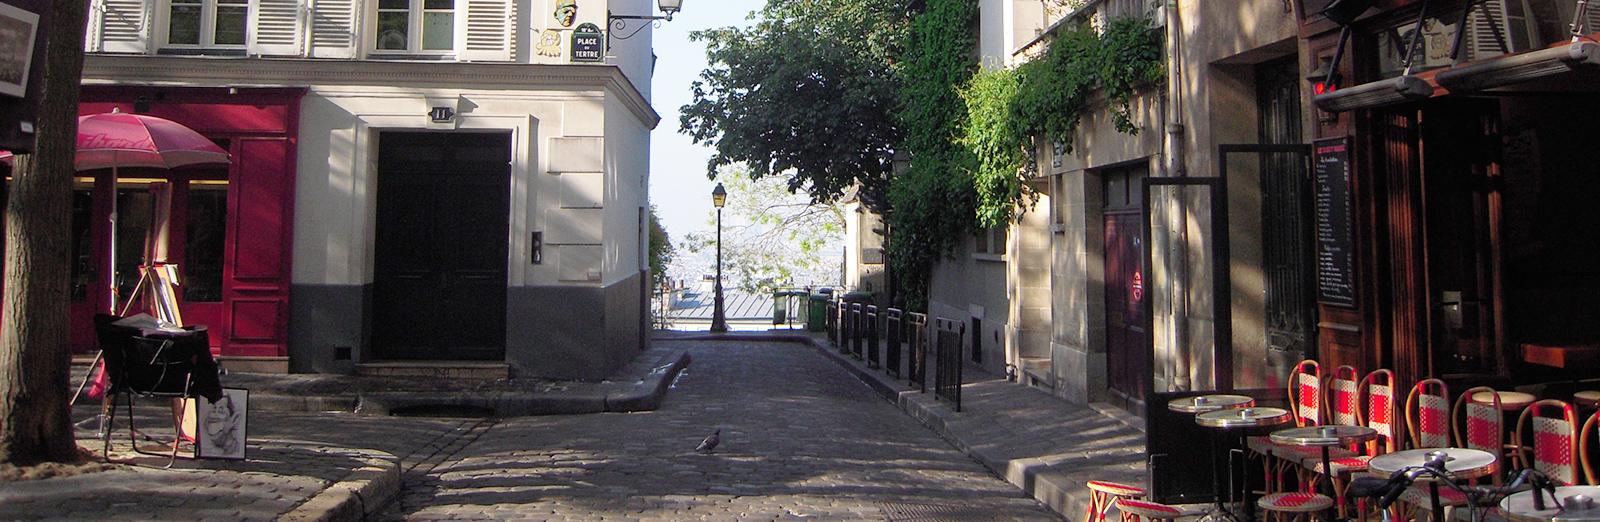 paris_montmartre_chauffeur